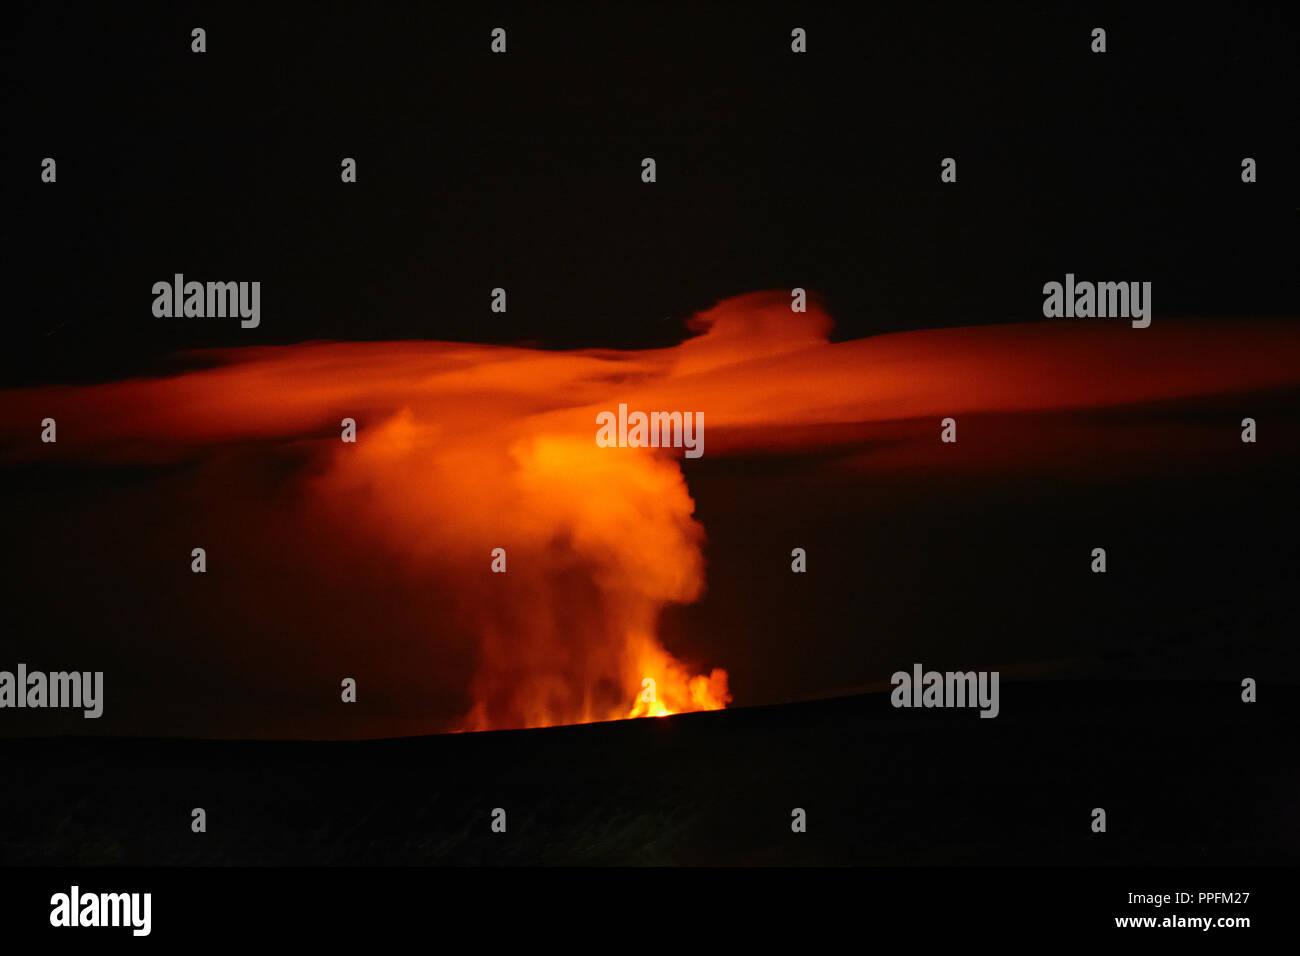 Volcanic eruption at Fimmvörðuháls, fissure eruption between Mýrdalsjökull and Eyjafjallajökull, at night, Iceland - Stock Image